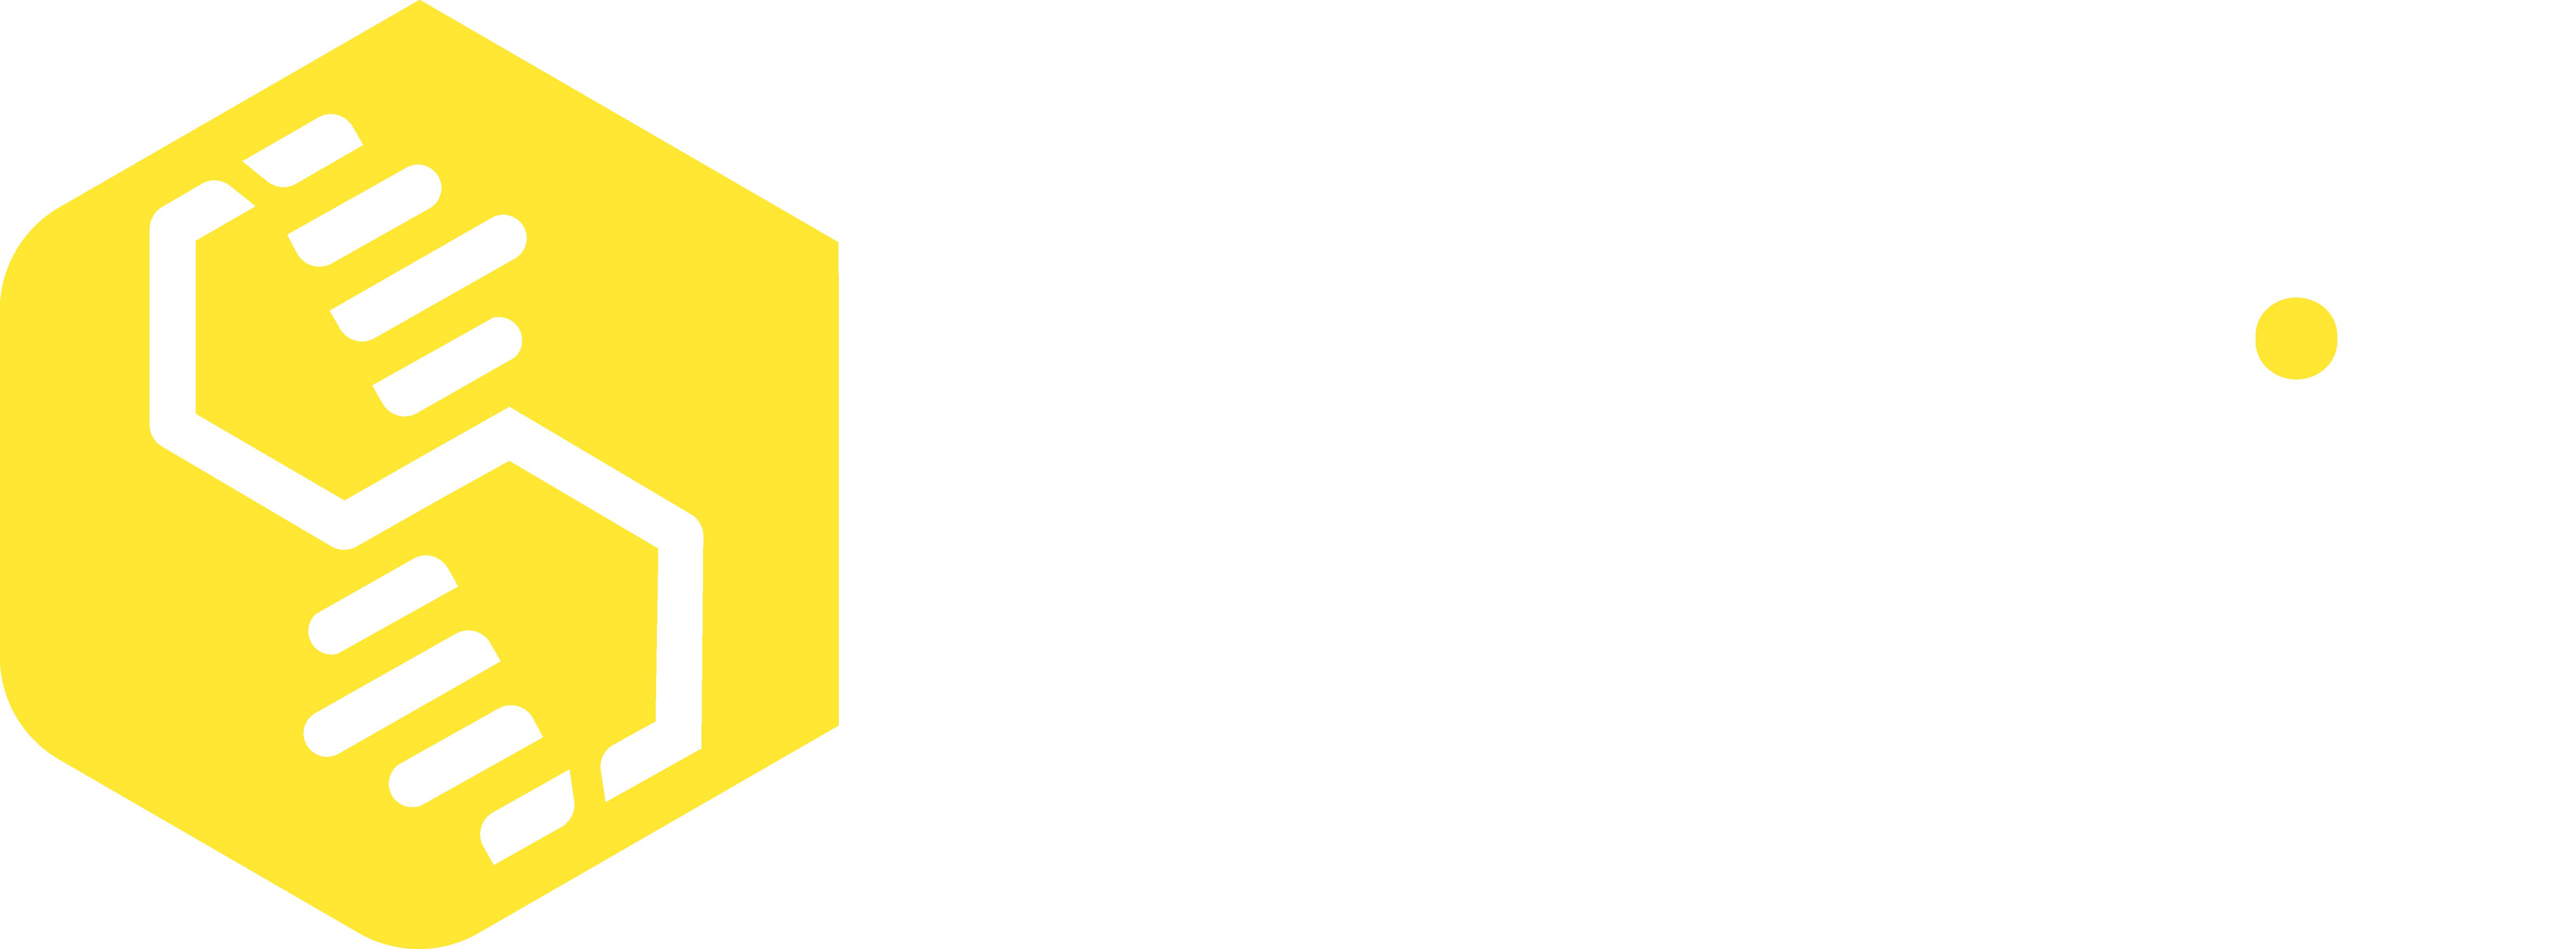 busybiz logo